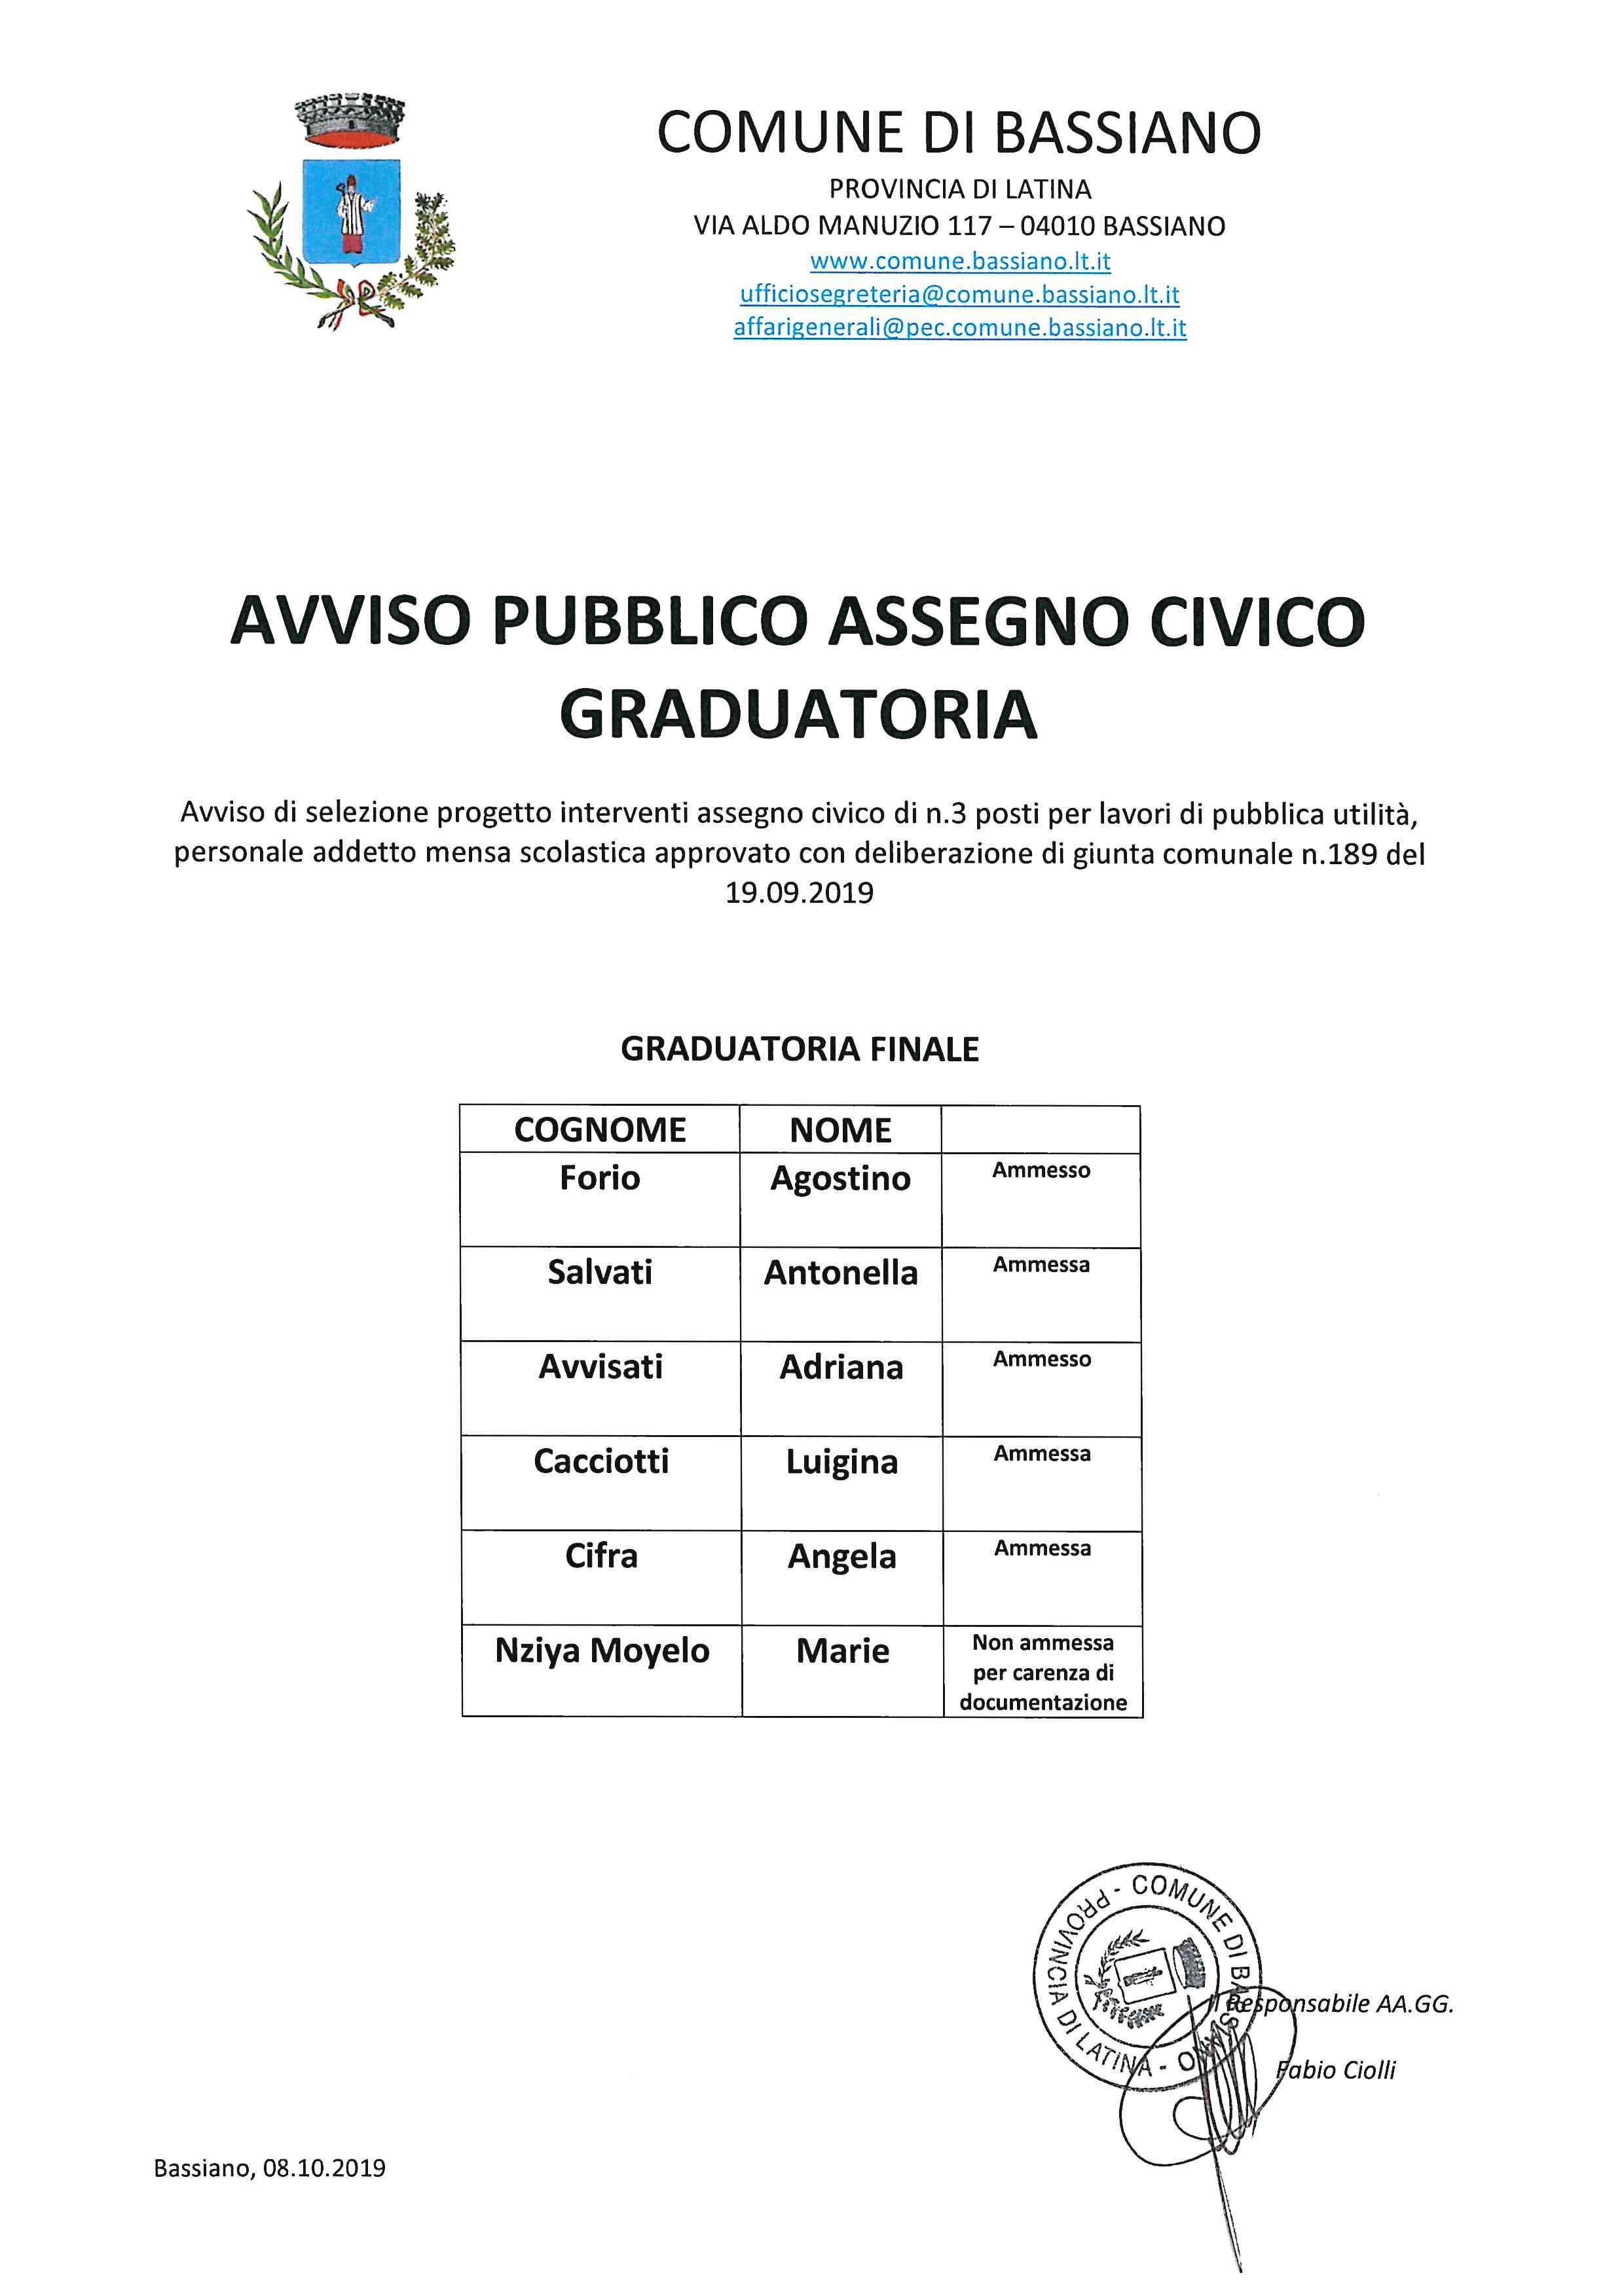 AVVISO PUBBLICO ASSEGNO CIVICO GRADUATORIA